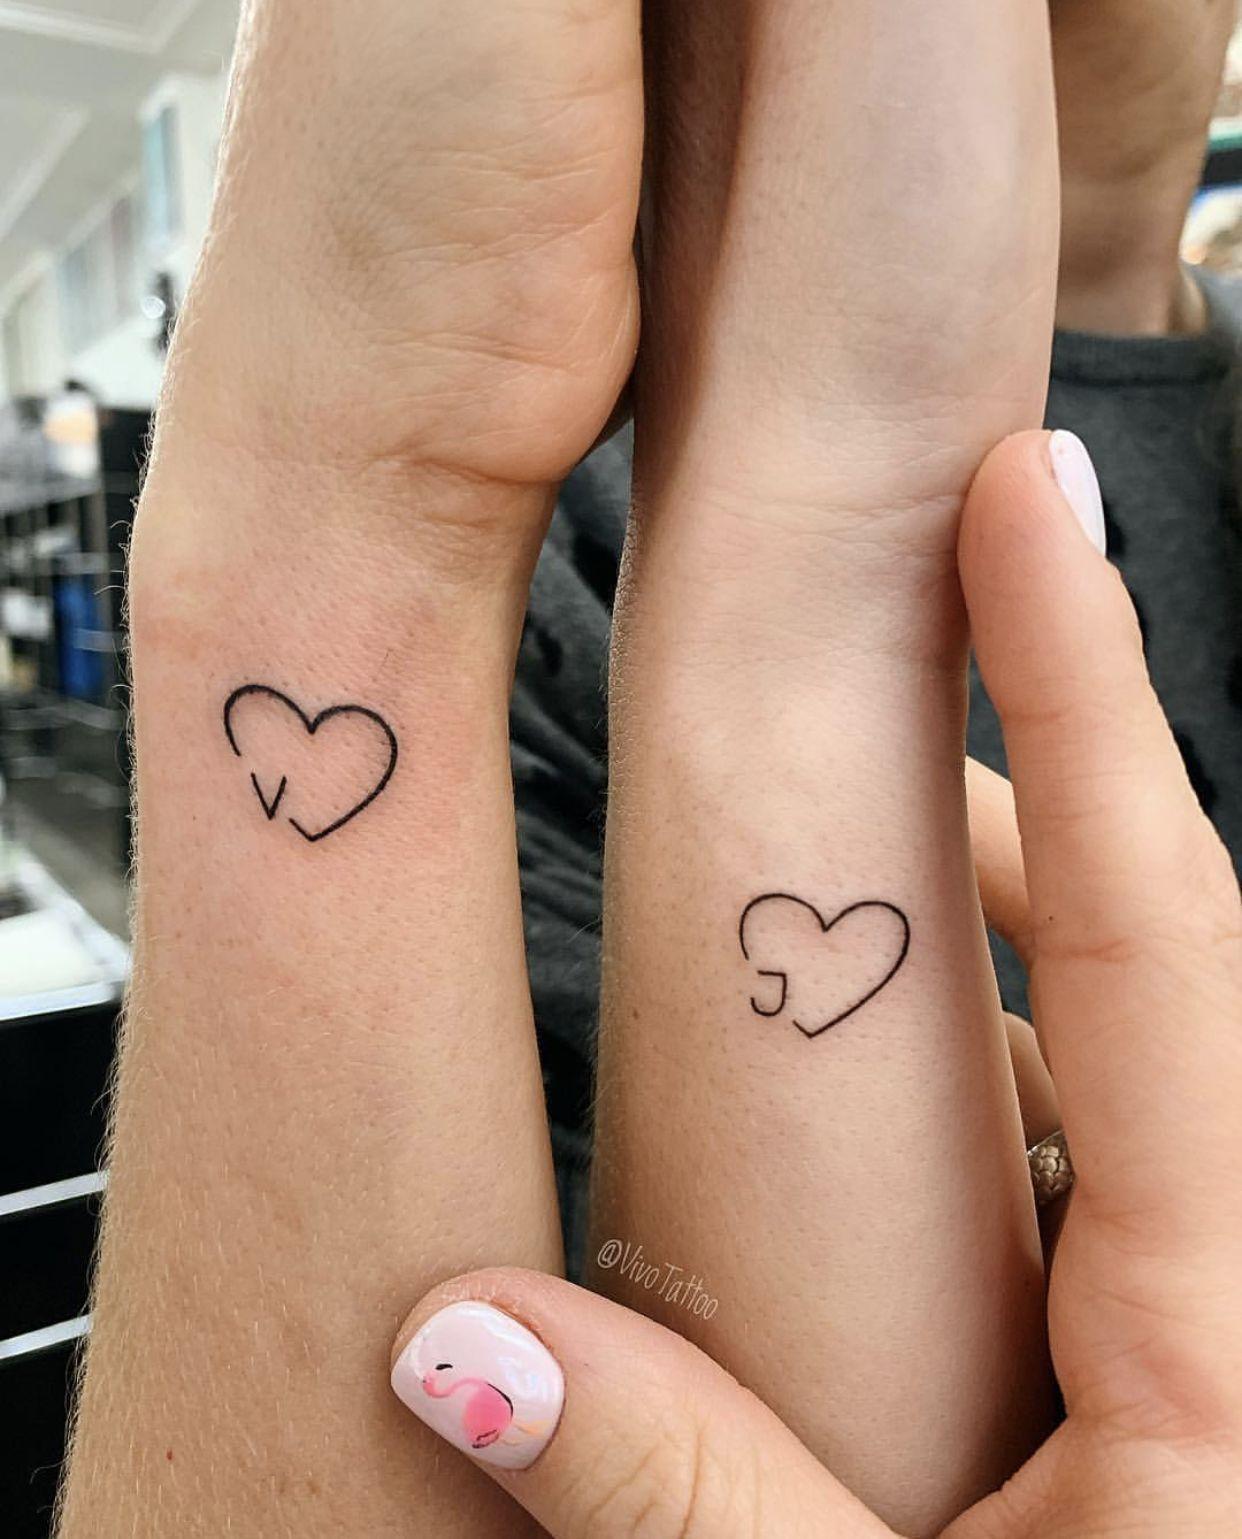 Heart Tattoo With Initials : heart, tattoo, initials, Пин, пользователя, месть, доске, Tattoo, тат, Tattoos, Daughters,, Couple, Tattoos,